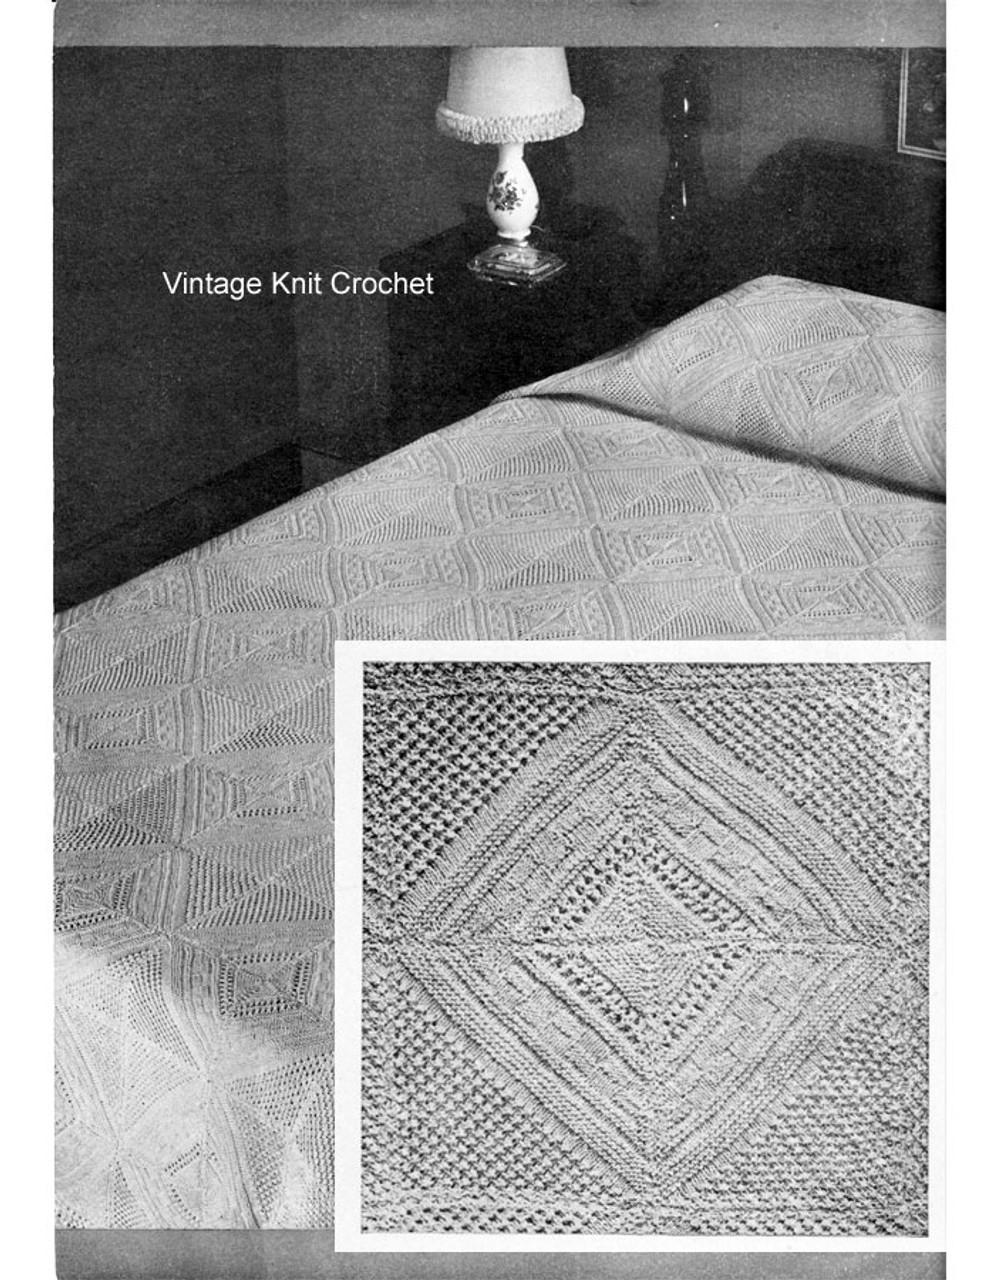 Knitted Bedspread Pattern, Vintage Diamond Motif